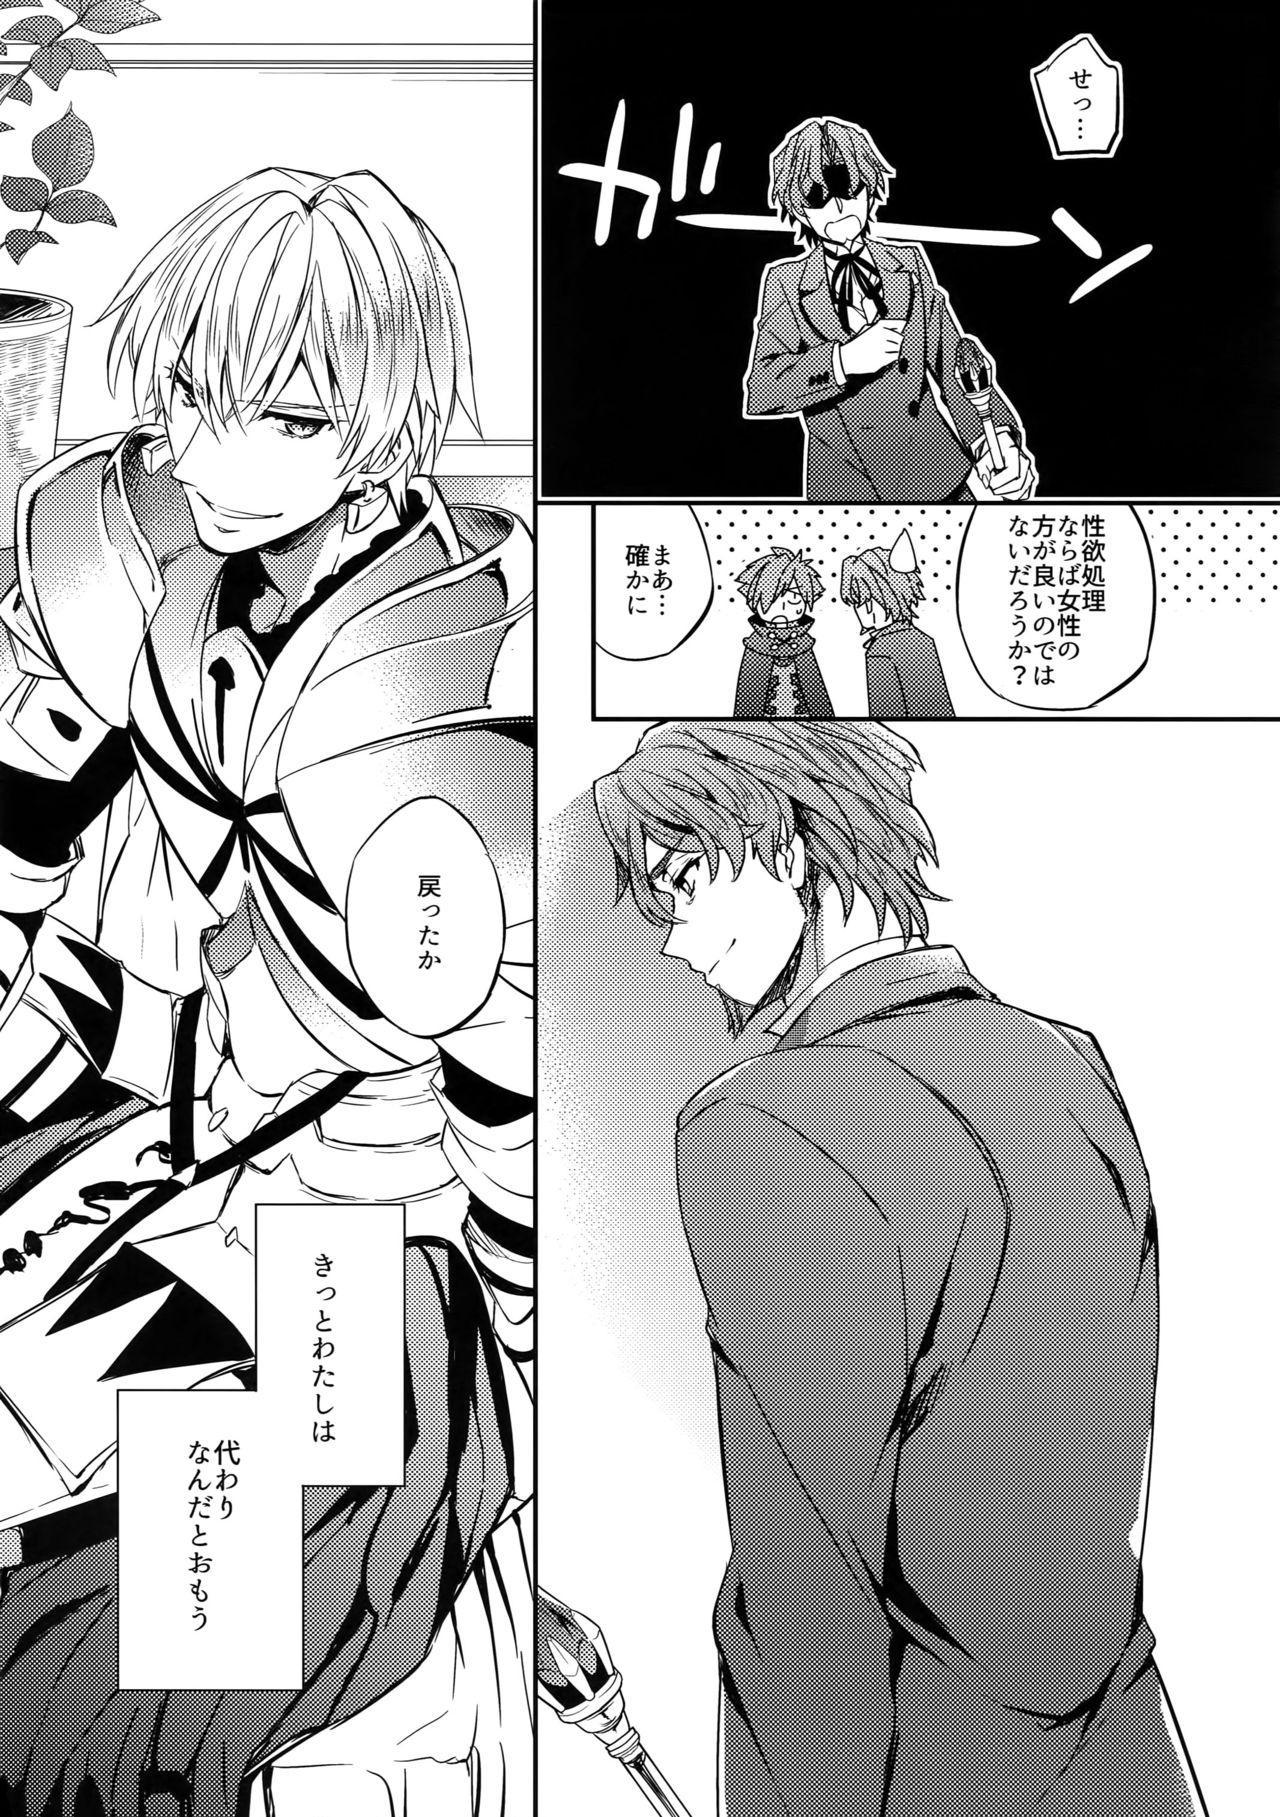 Gainen Reisou wa Kiniro no Yume o Miru 2 13